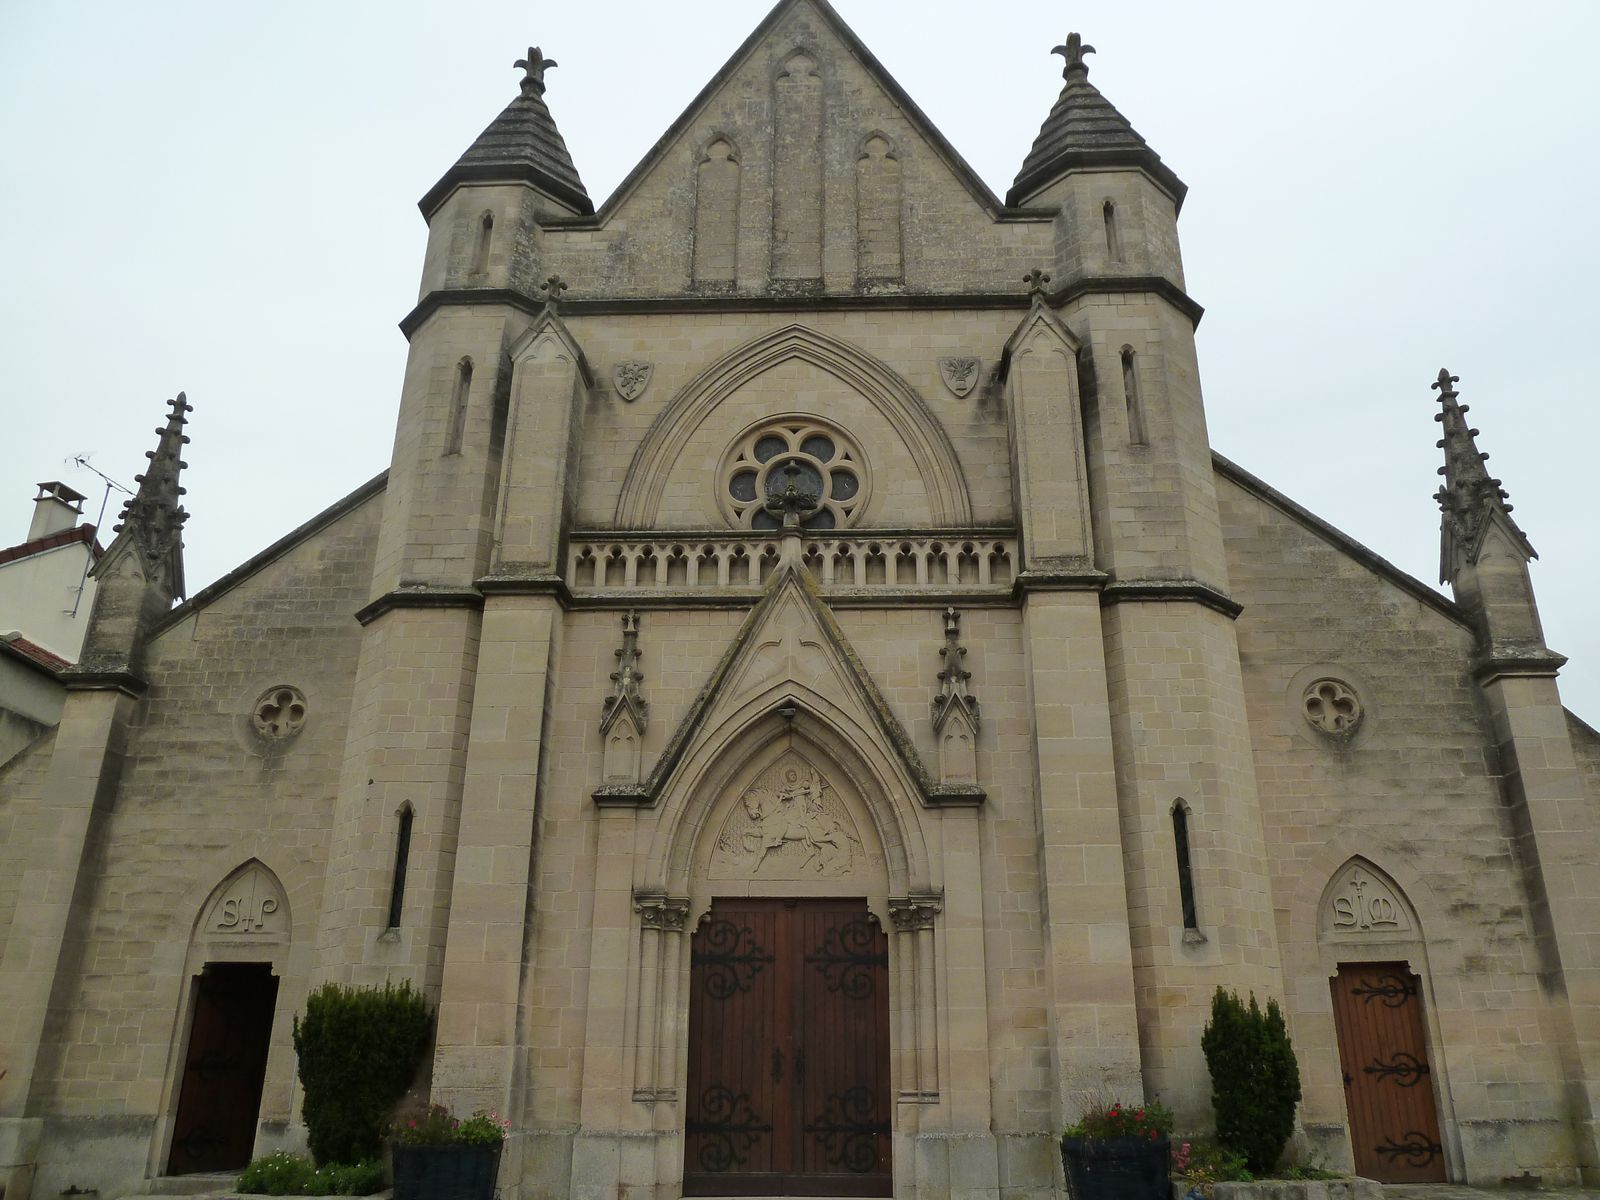 Saint-Martin érigée au début du XIIIème siècle, elle fut plusieurs fois remaniée au cours des siècles est sa façade entièrement transformé en 1904.